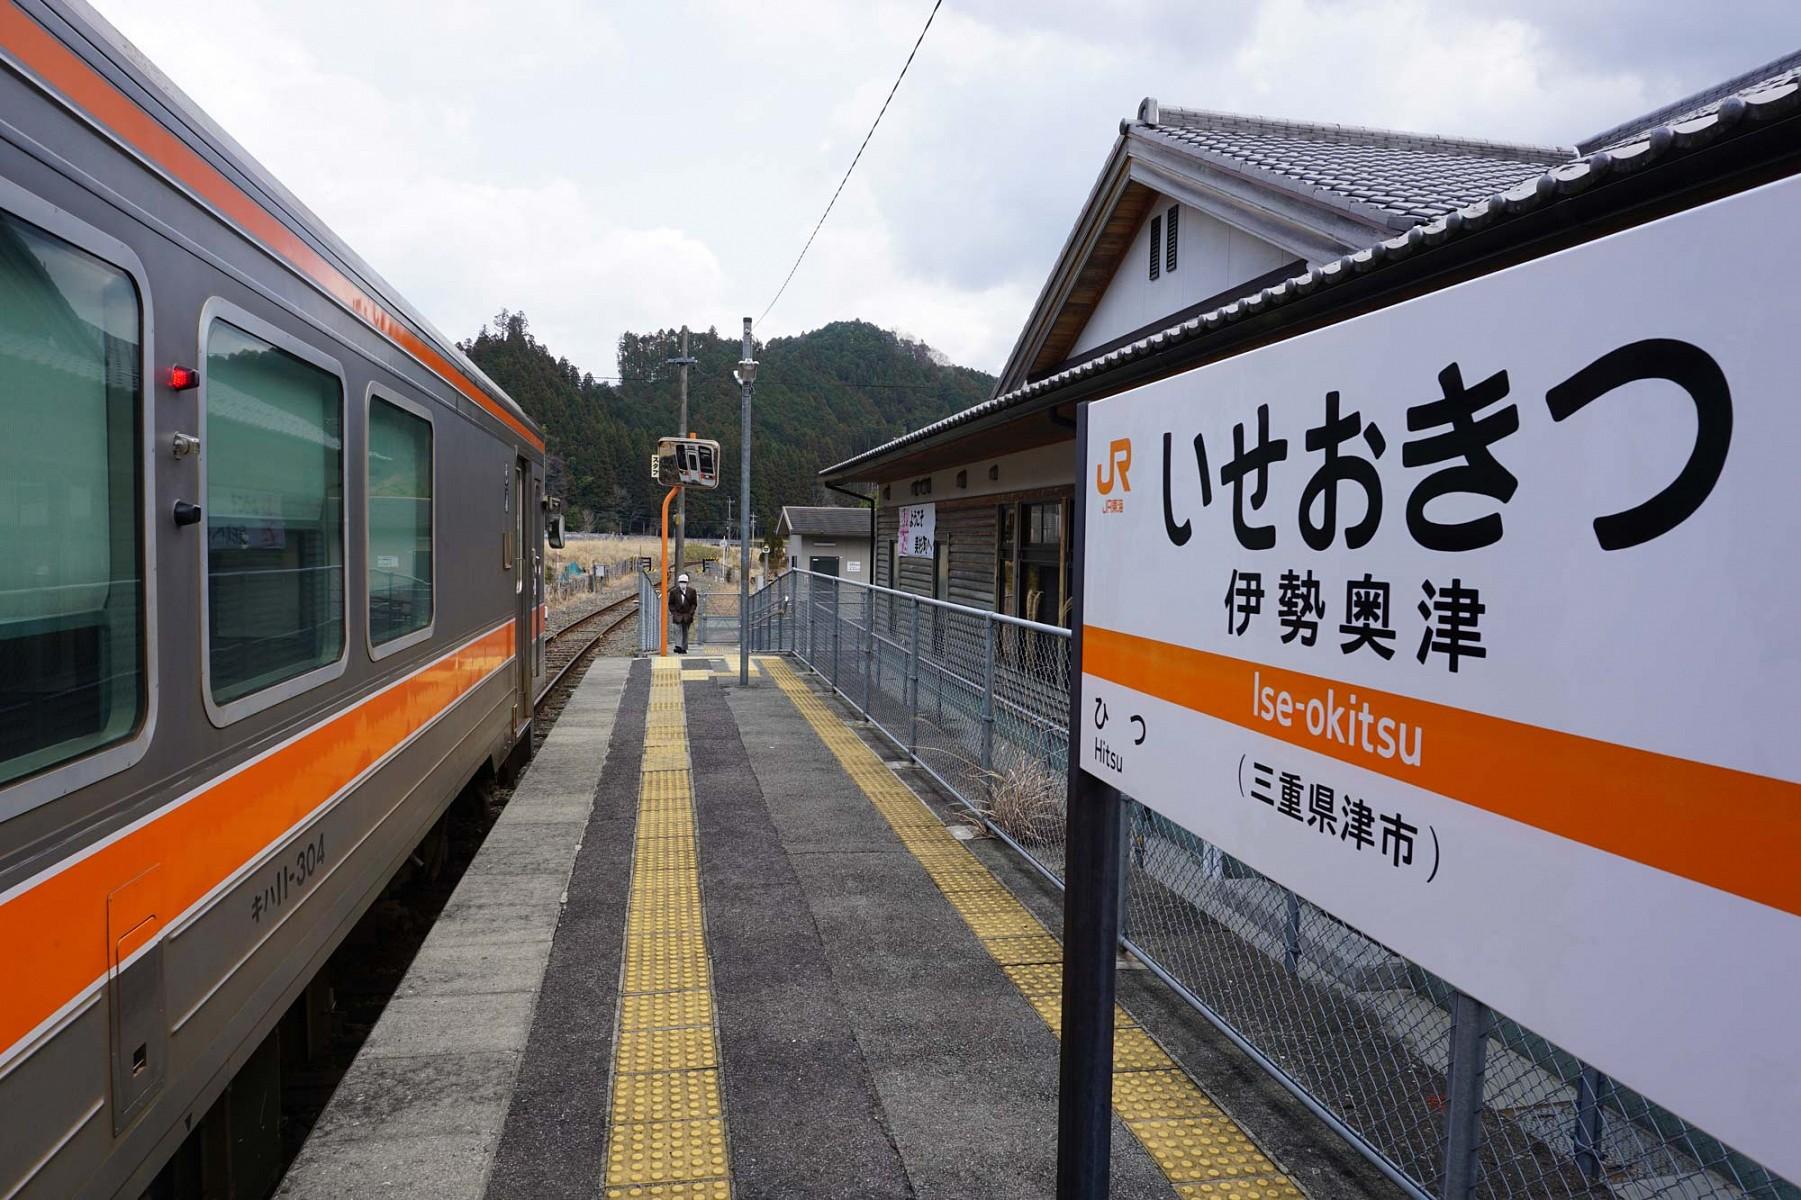 pspan-stylecolornullIn-Japan-sind-auch-die-entlegensten-Staumldtchen-mit-einem-Zug-erreichbarspanp